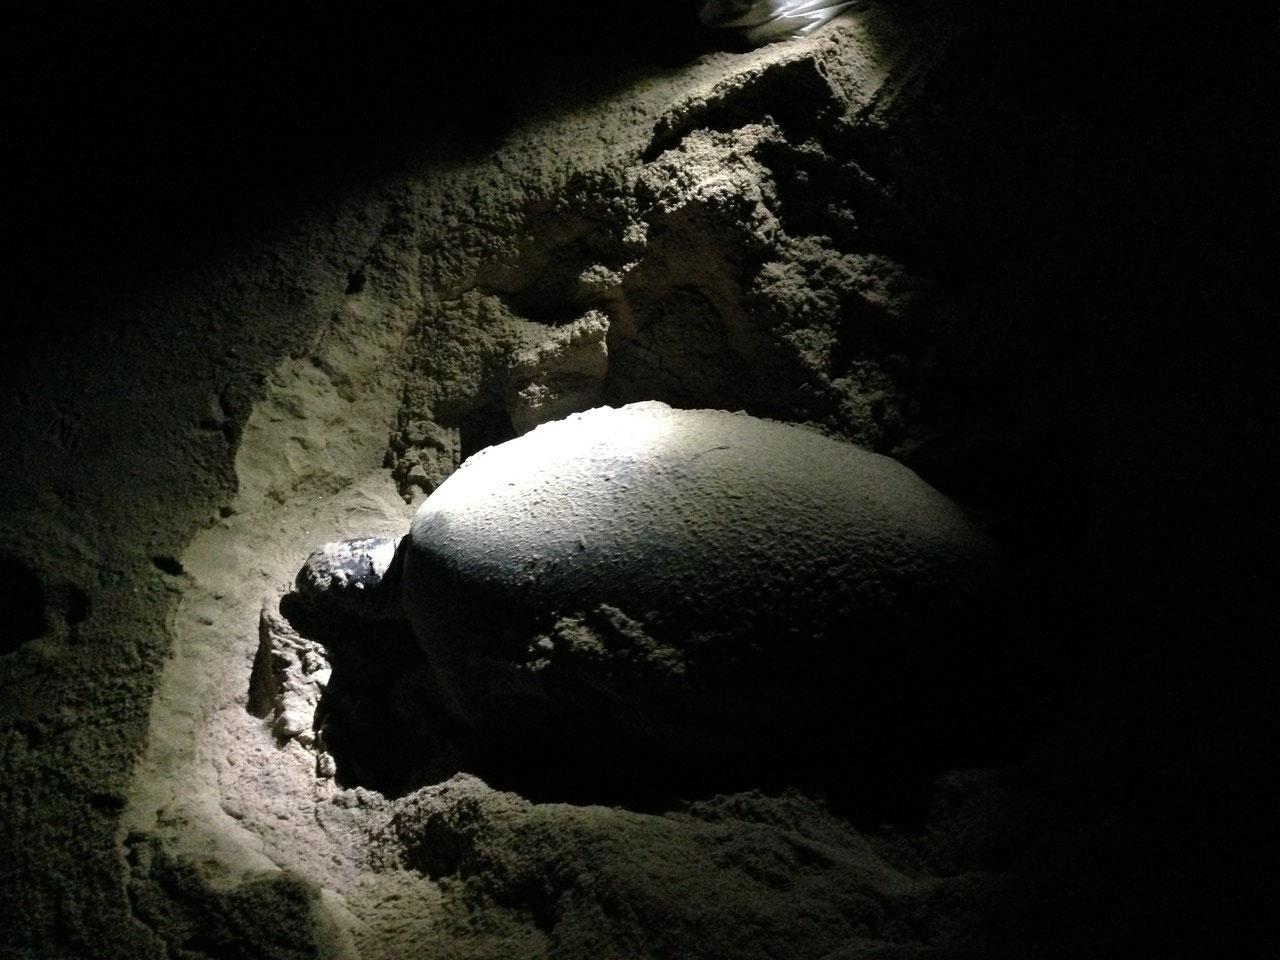 Eine Schildkröte am Eierlegen am Strand von Ras-al Jinz